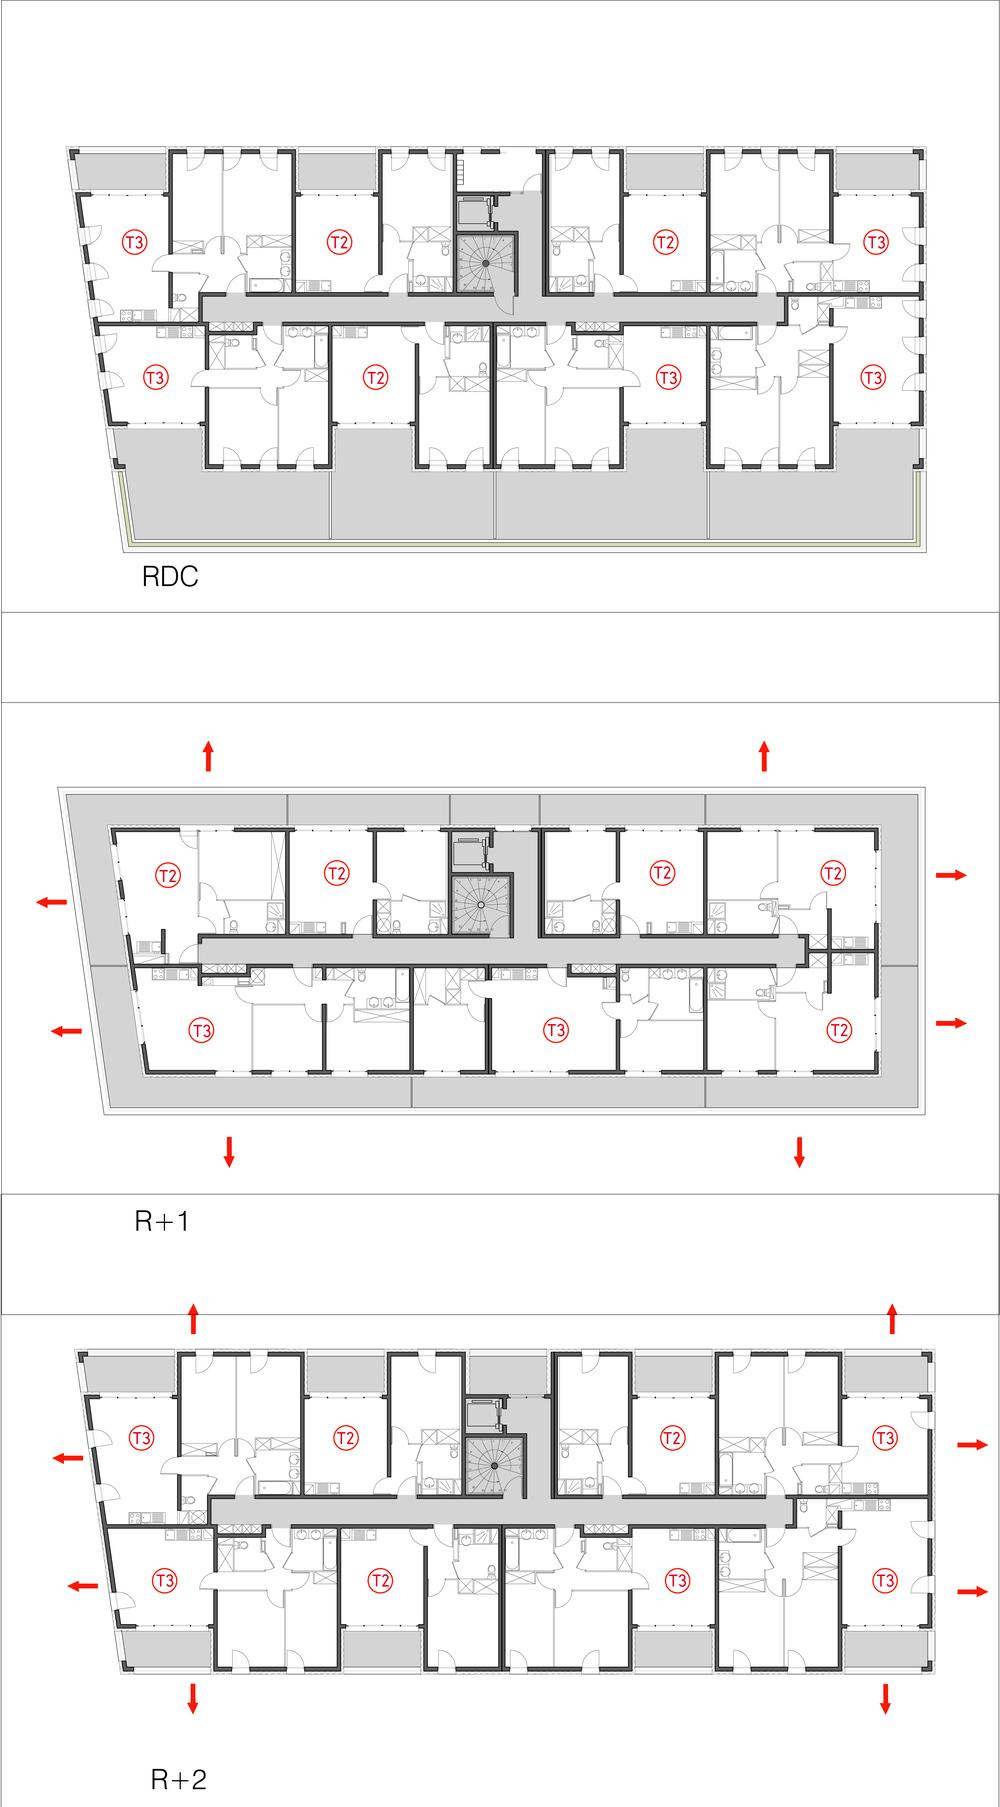 ACB MA13  plan R+2 R+3.jpg